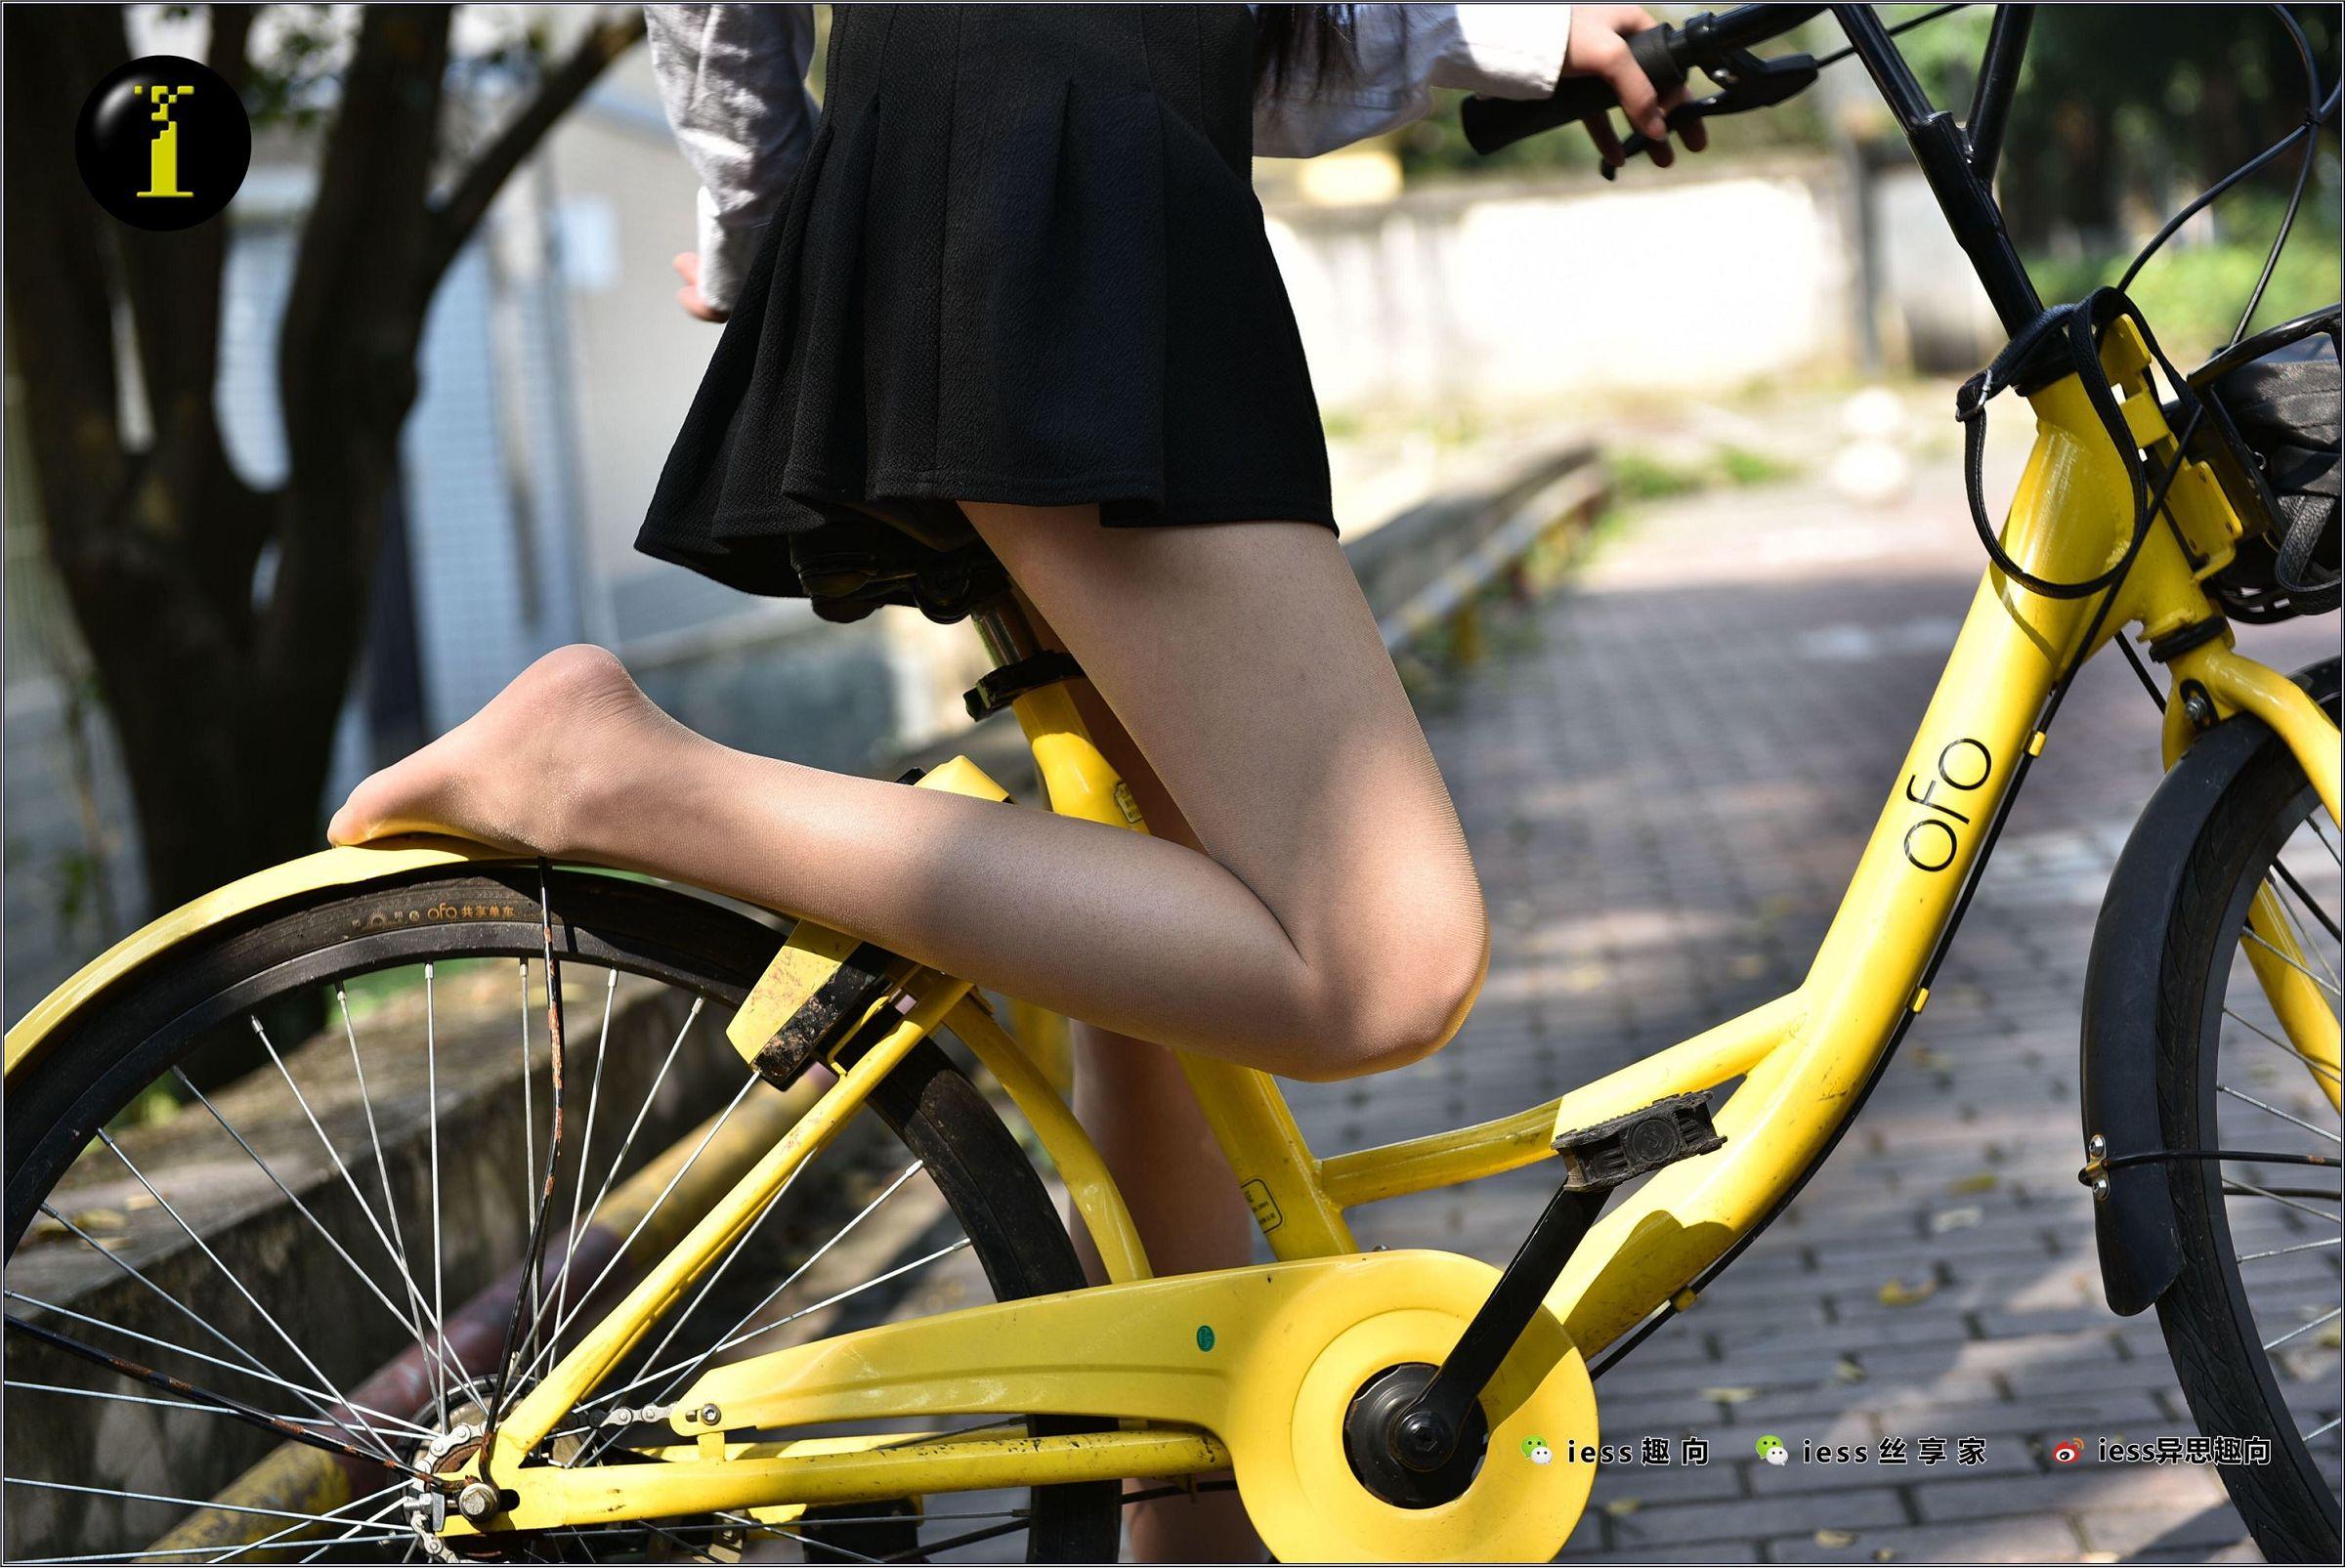 [IESS异思趣向] 普惠集 033 琪琪 16岁的单车少女[137P] 异思趣向 第1张